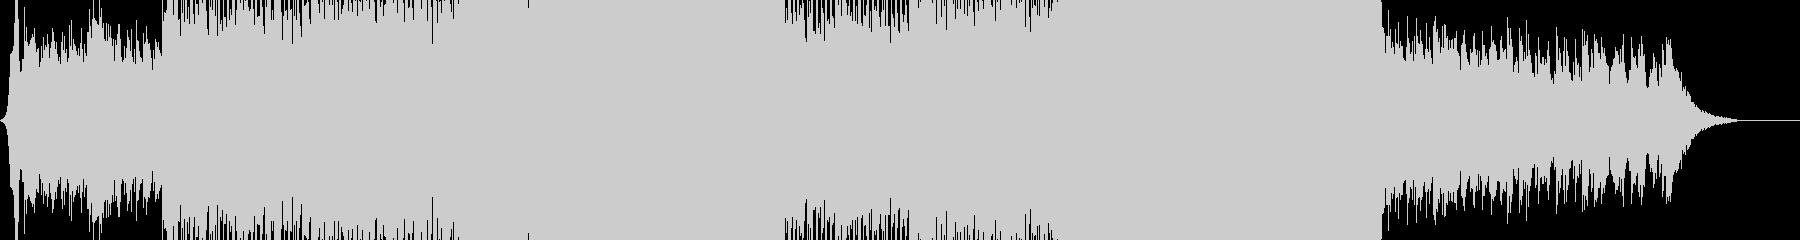 ロック系 徐々に盛り上がるギターロックの未再生の波形